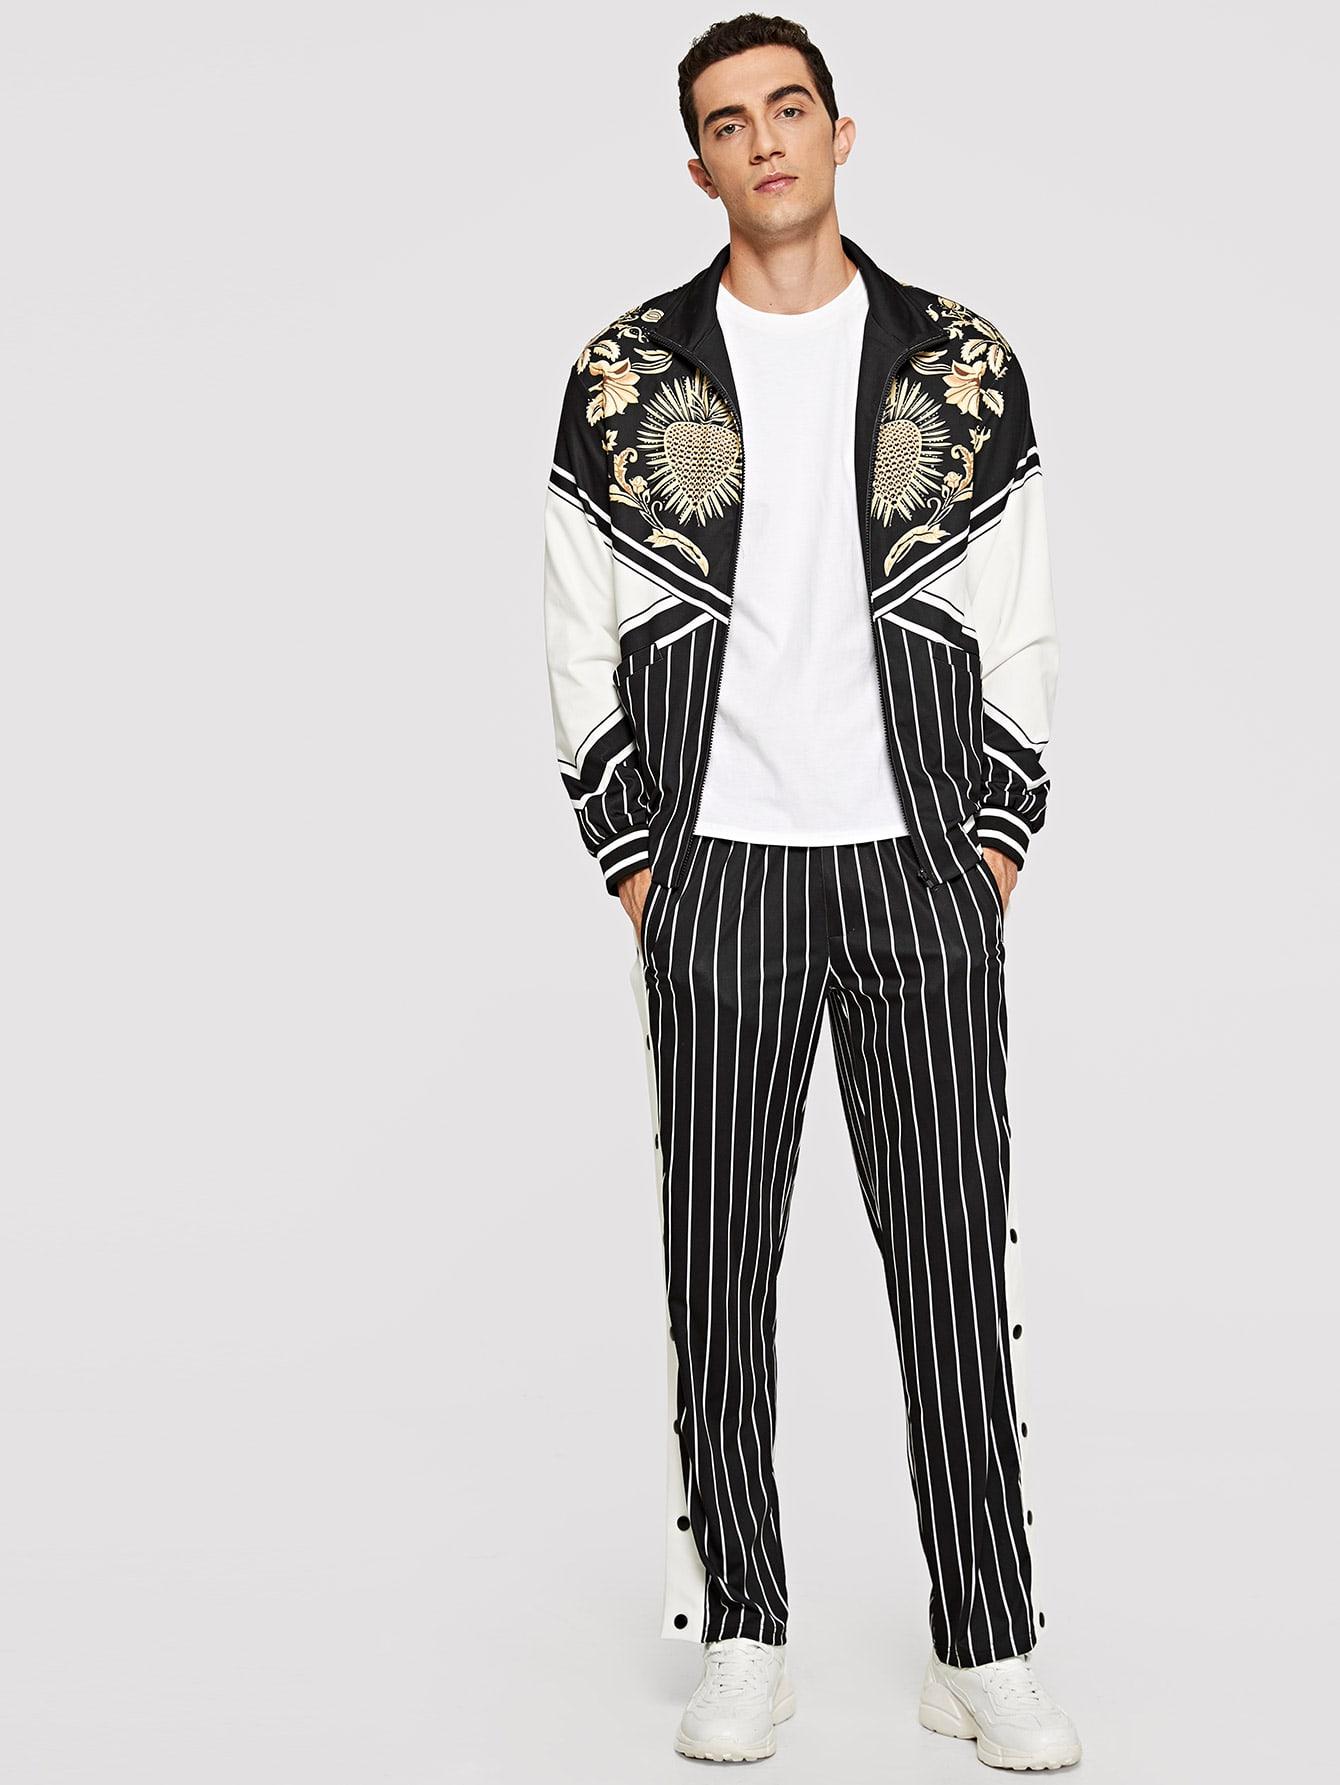 Men Zip Up Mixed Print Top & Pants Set Men Zip Up Mixed Print Top & Pants Set